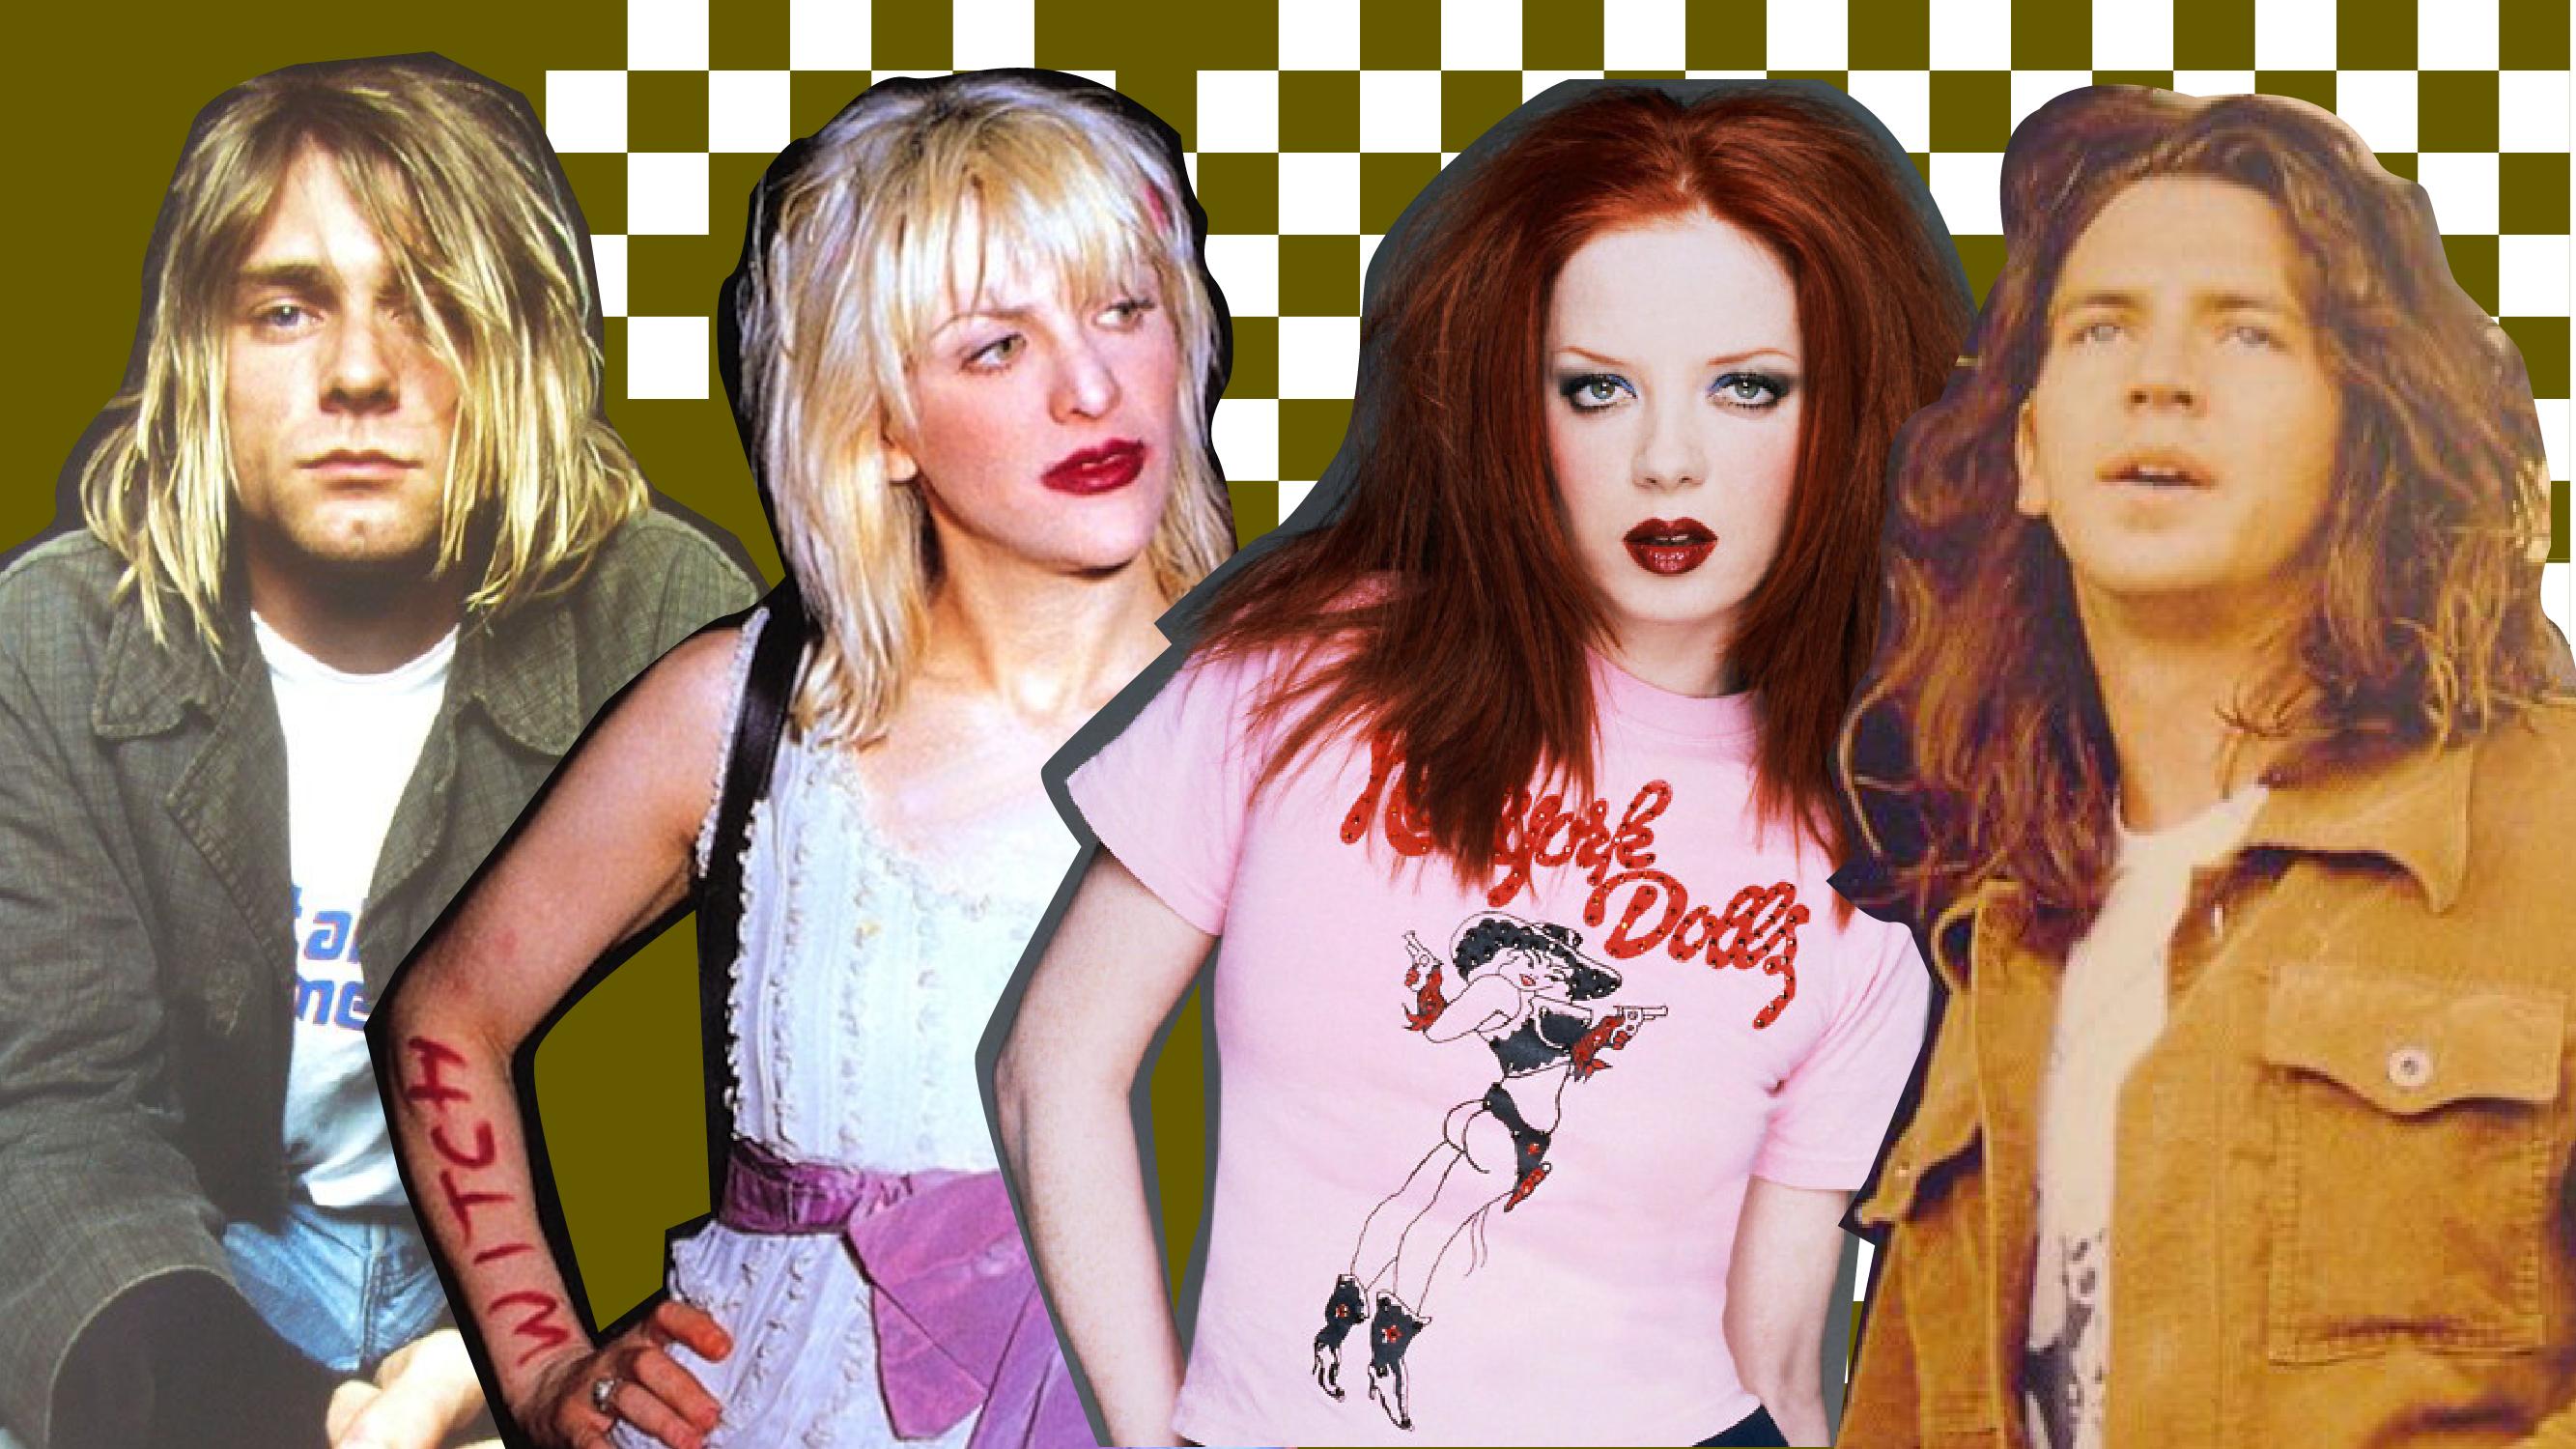 Grunge Channel Collage